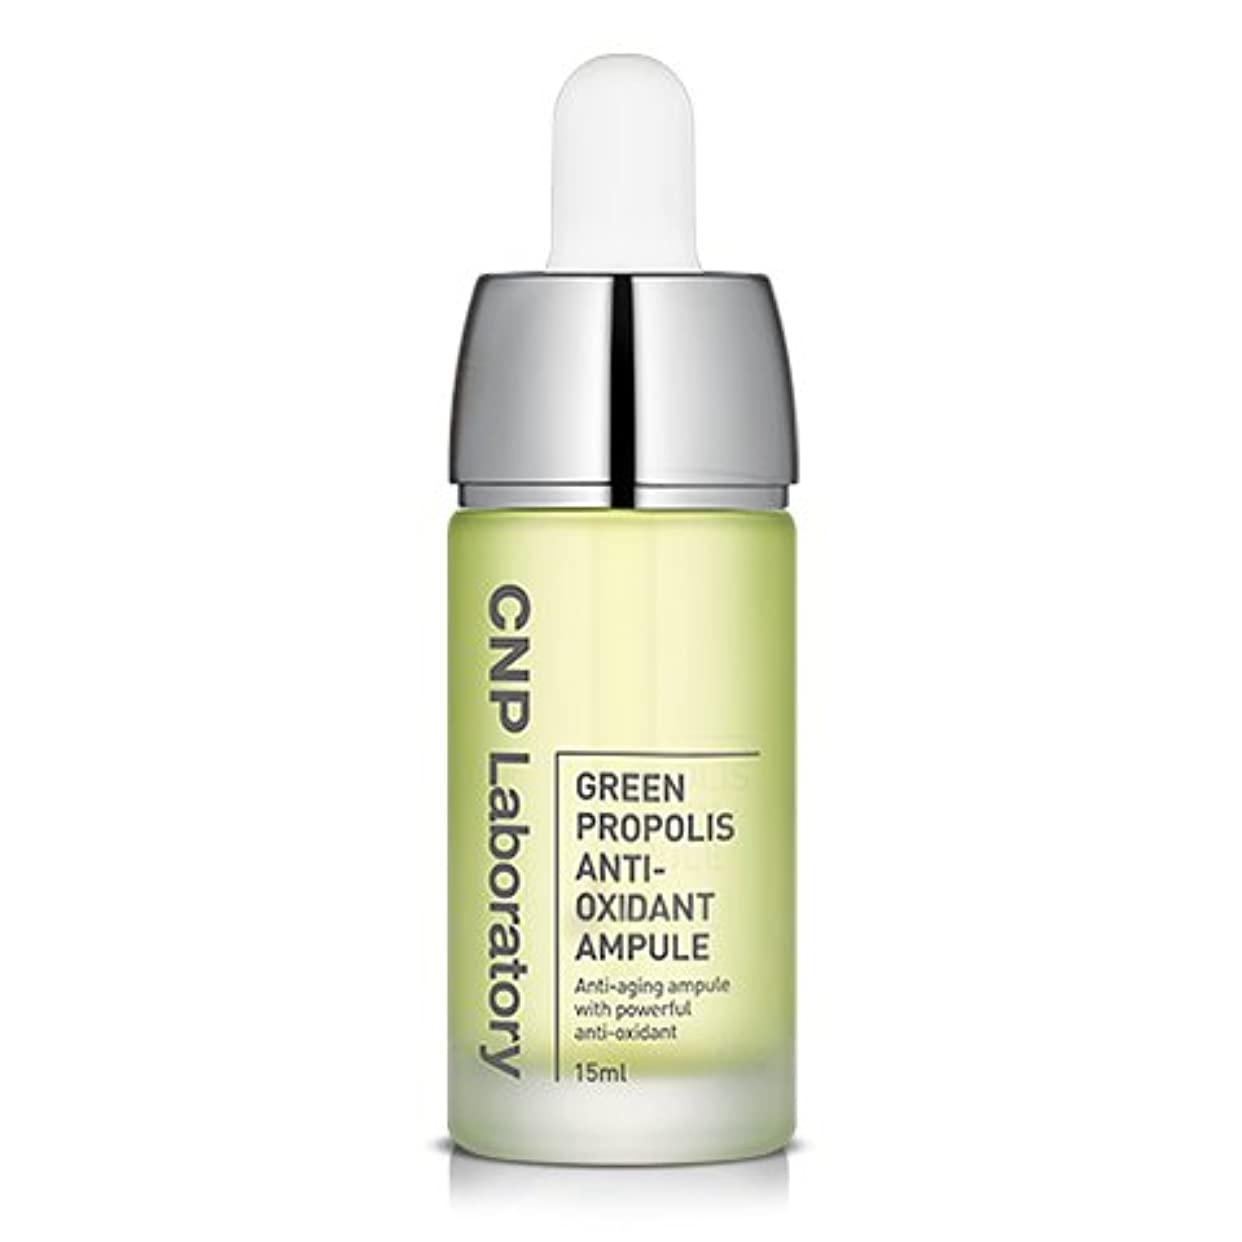 輝くファームする必要があるCNP Laboratory グリーンプロポリス酸化防止剤アンプル/Green Propolis Anti-Oxidant Ampule 15ml [並行輸入品]